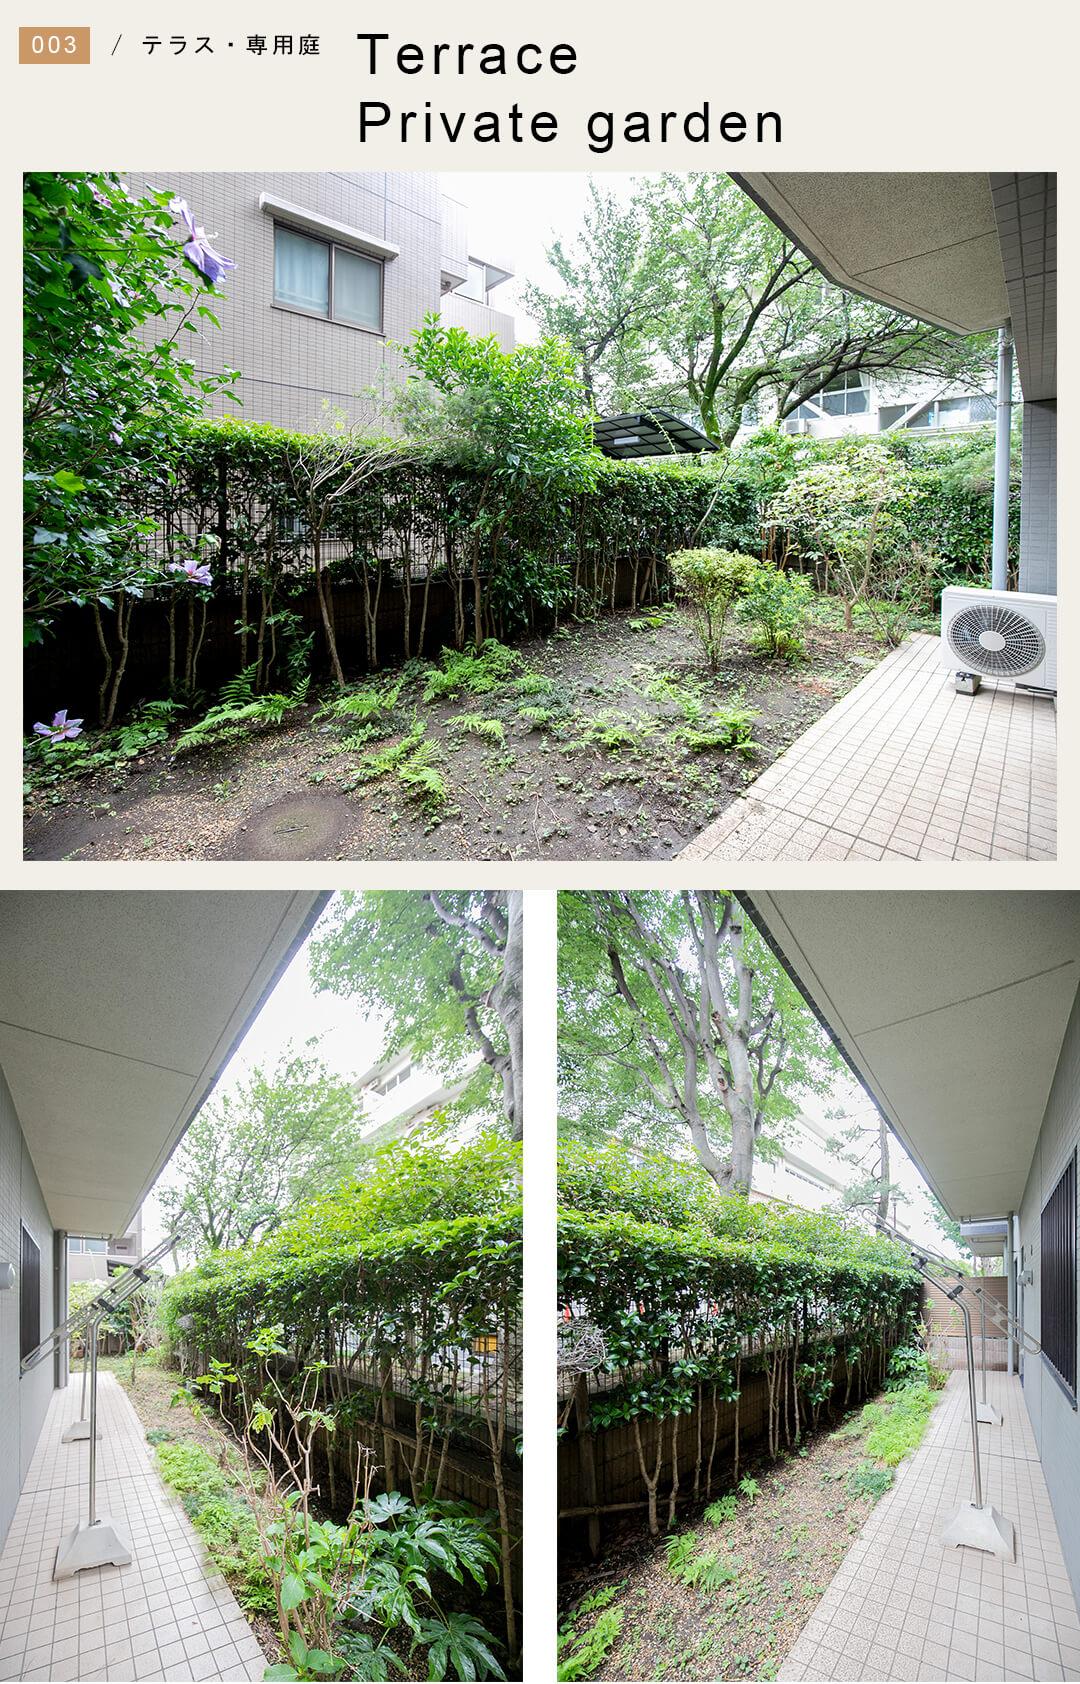 藤和シティホームズ吉祥寺本町のテラスと専用庭